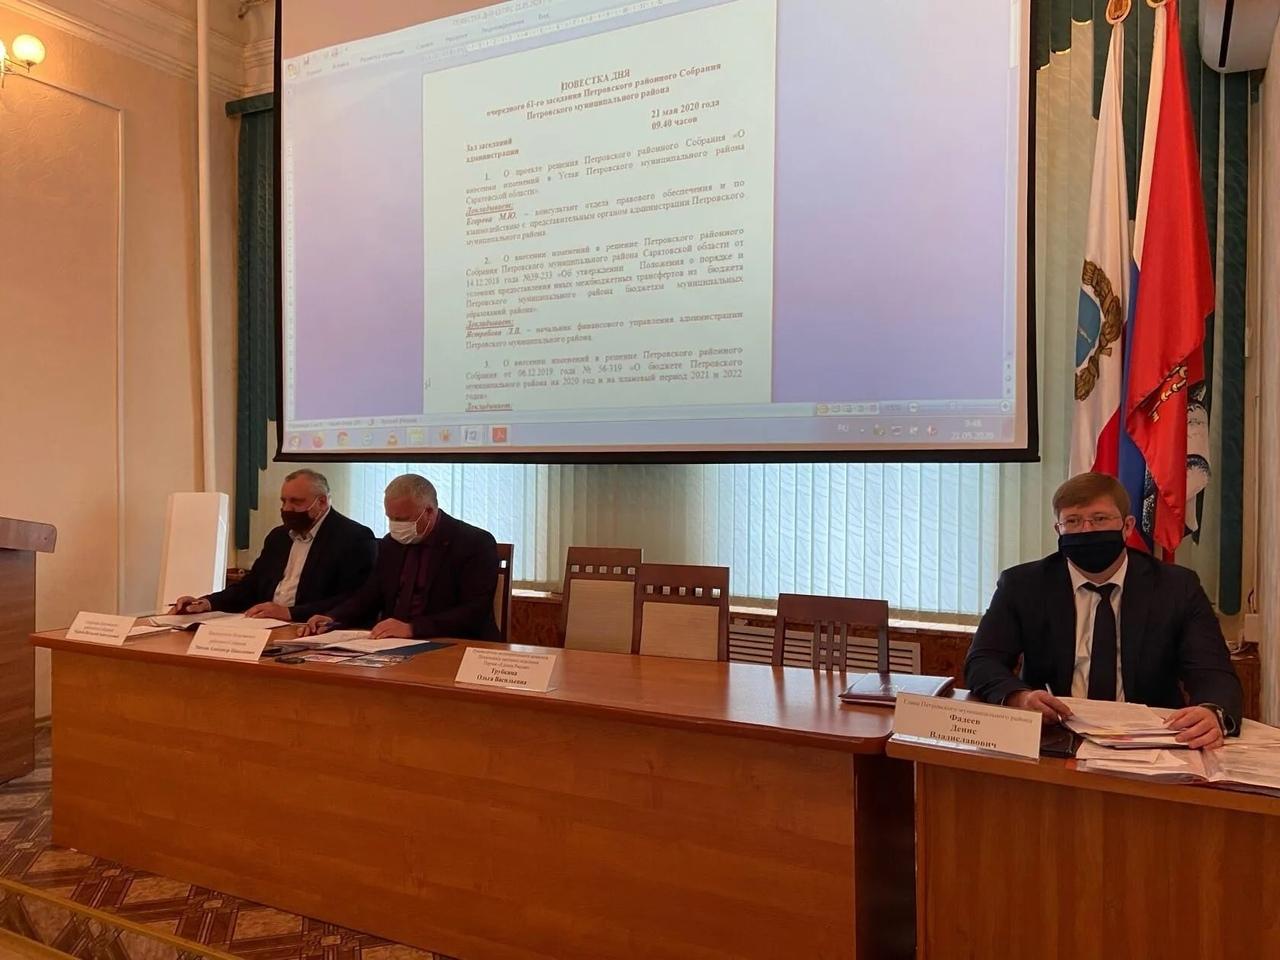 На заседании Петровского районного Собрания одобрено выделение средств на ремонт кровель городских детских садов №14 и №6